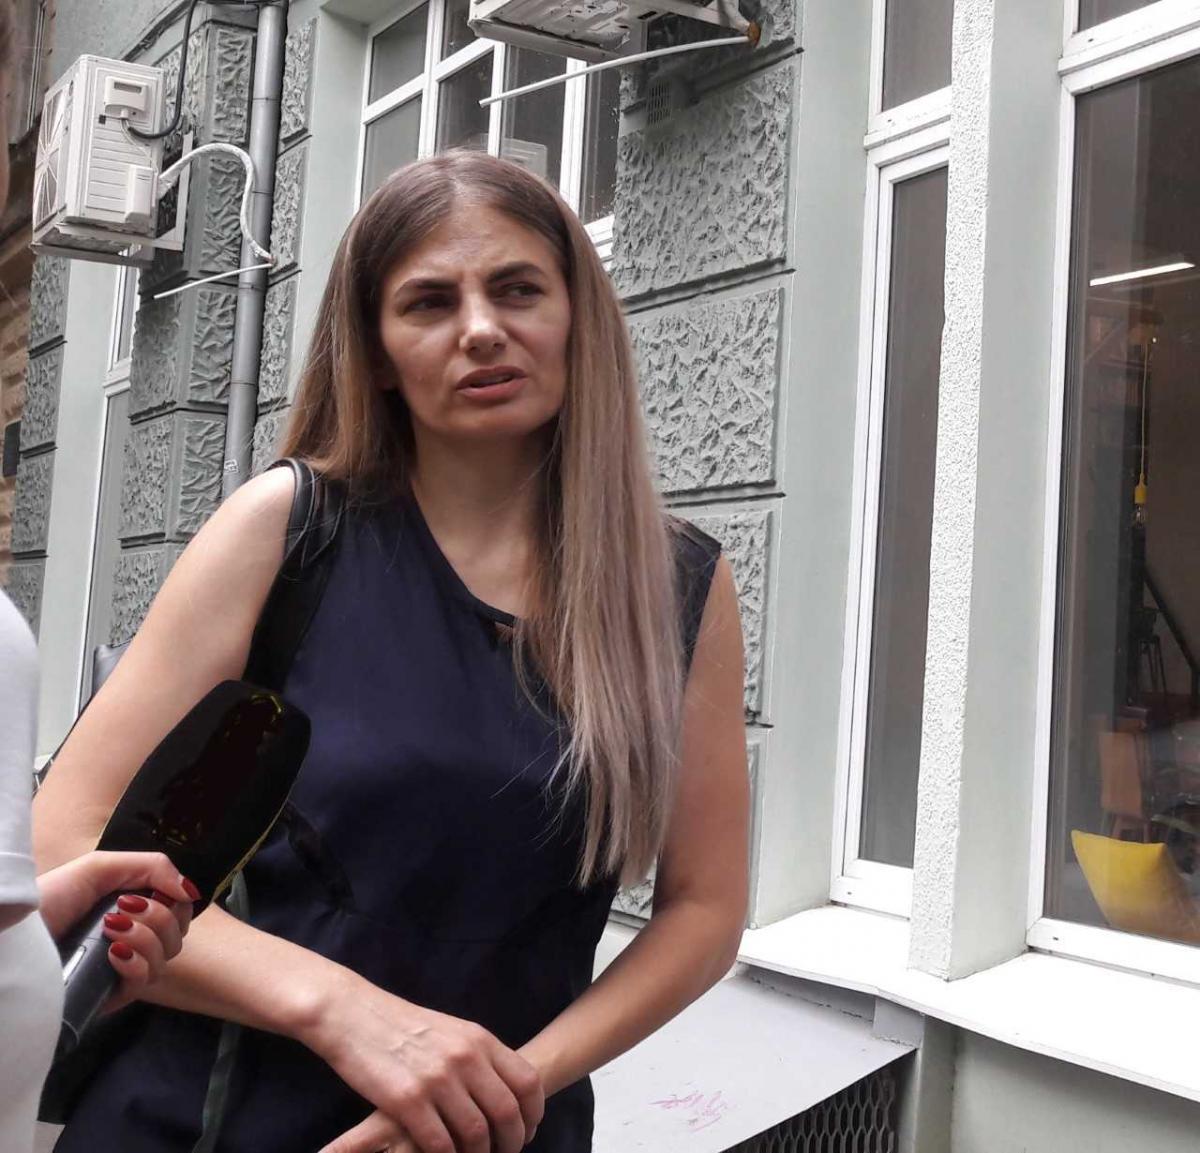 Мельник сделала в соцсети резонансную публикацию о ситуации в патрульной полиции, чтобы обезопасить себя / фото УНИАН